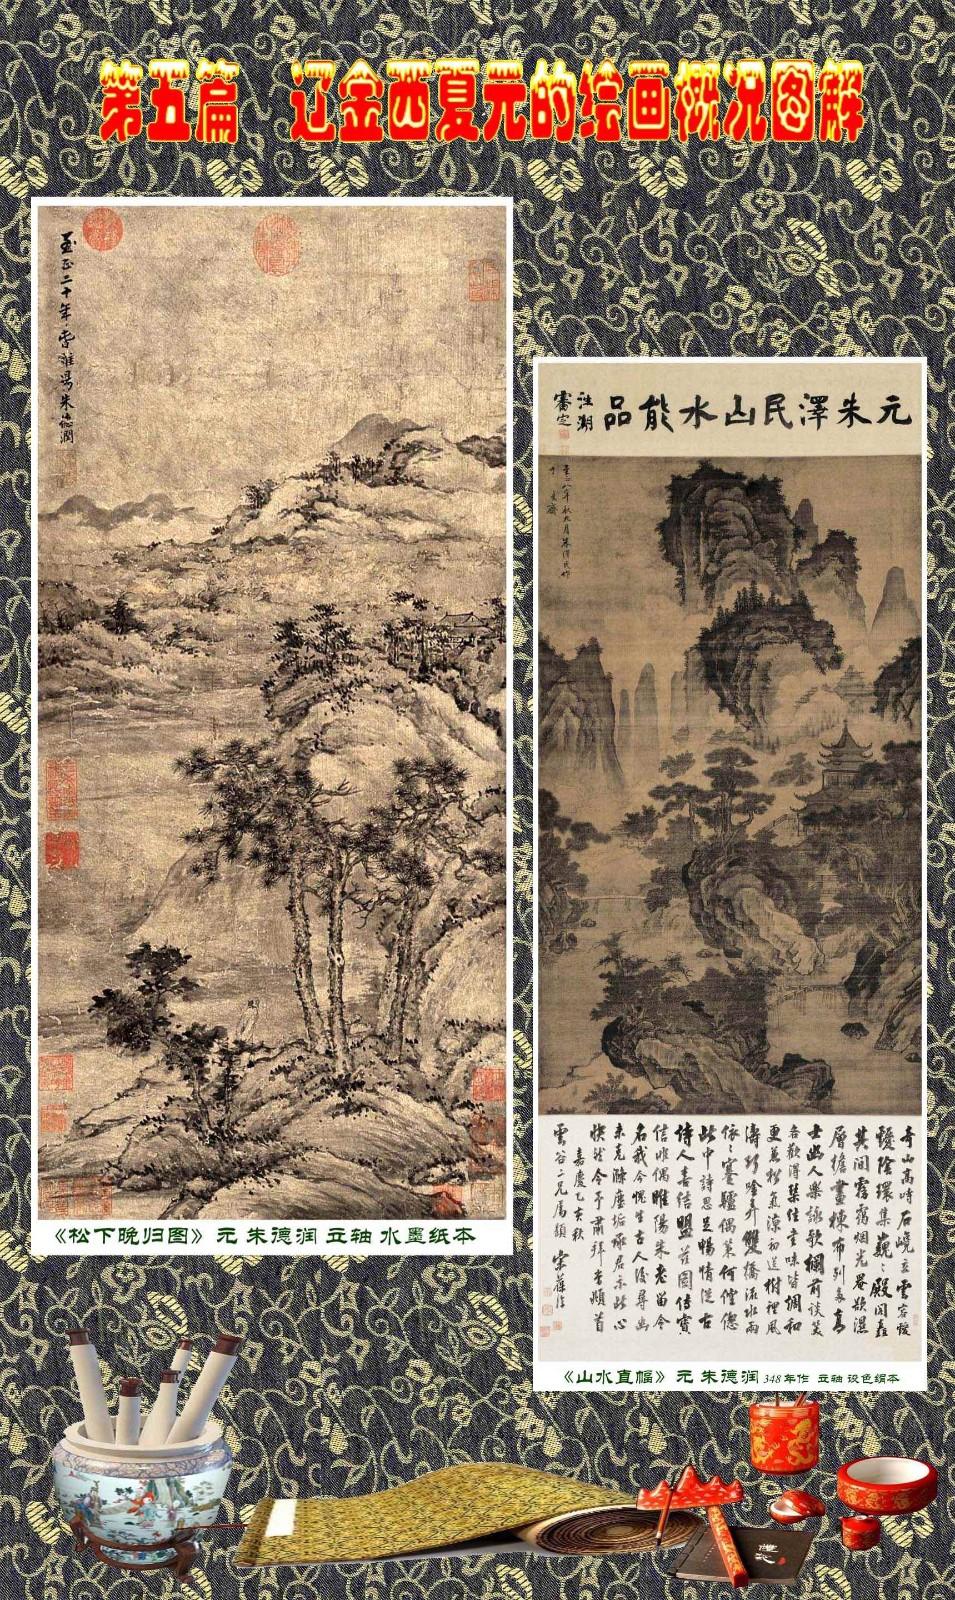 顾绍骅编辑 中国画知识普及版 第五篇 辽金西夏元的绘画概况 下 ... ..._图1-29